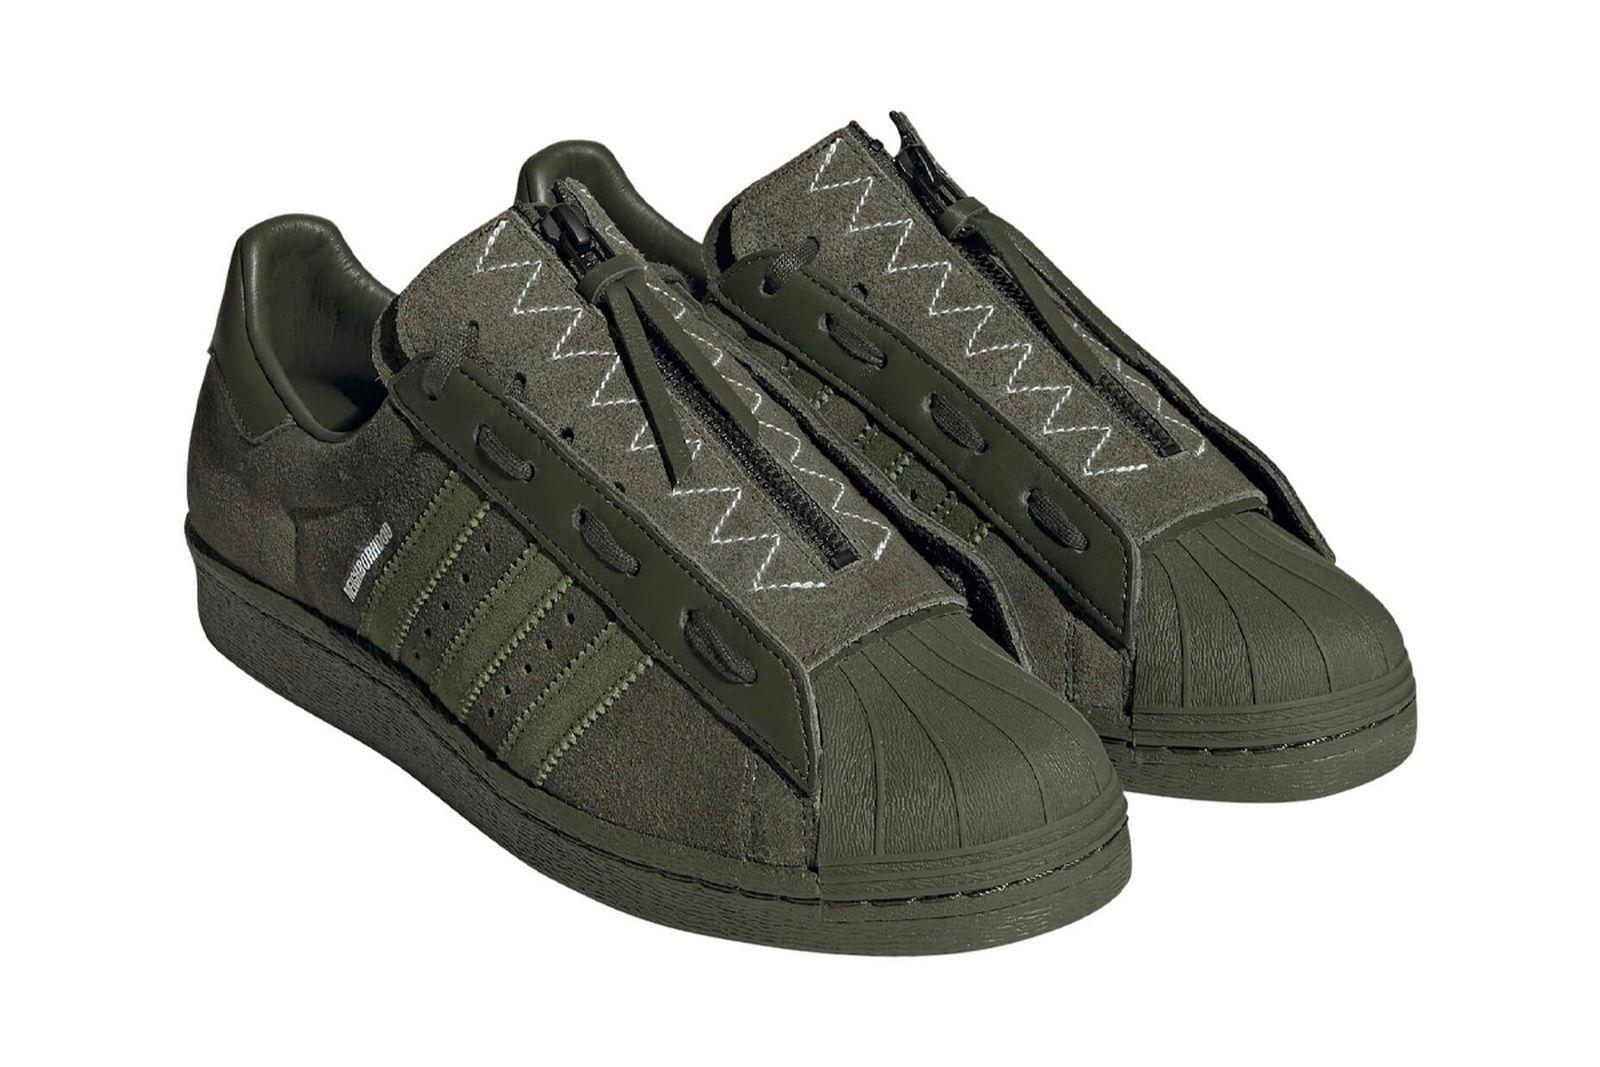 neighborhood-adidas-originals-superstar-80s-release-info-09